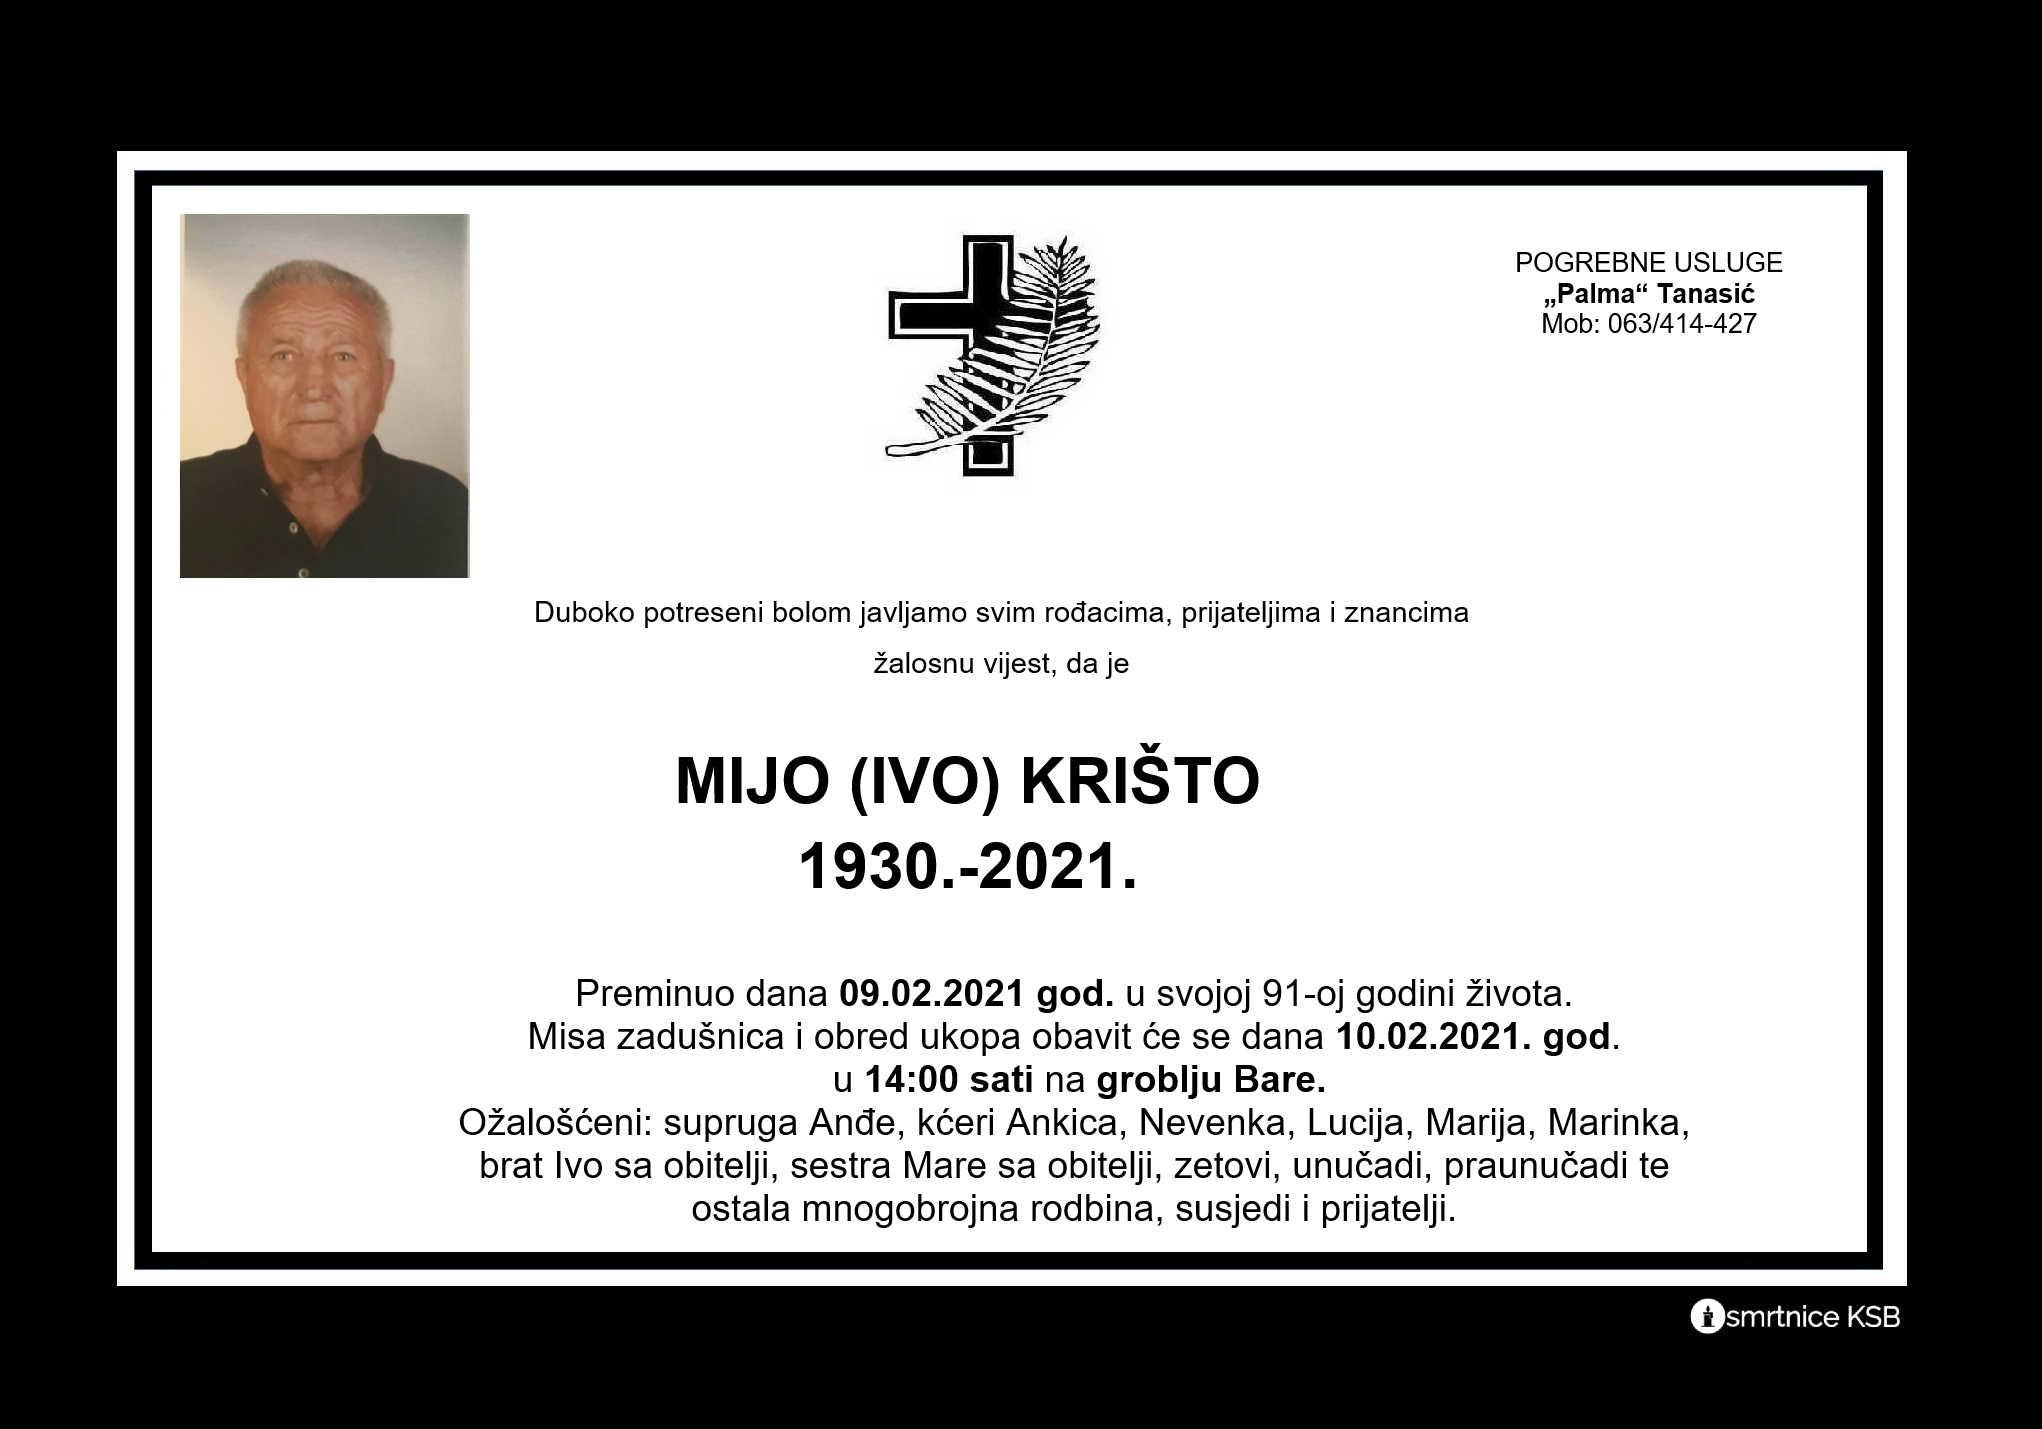 Mijo (Ivo) Krišto